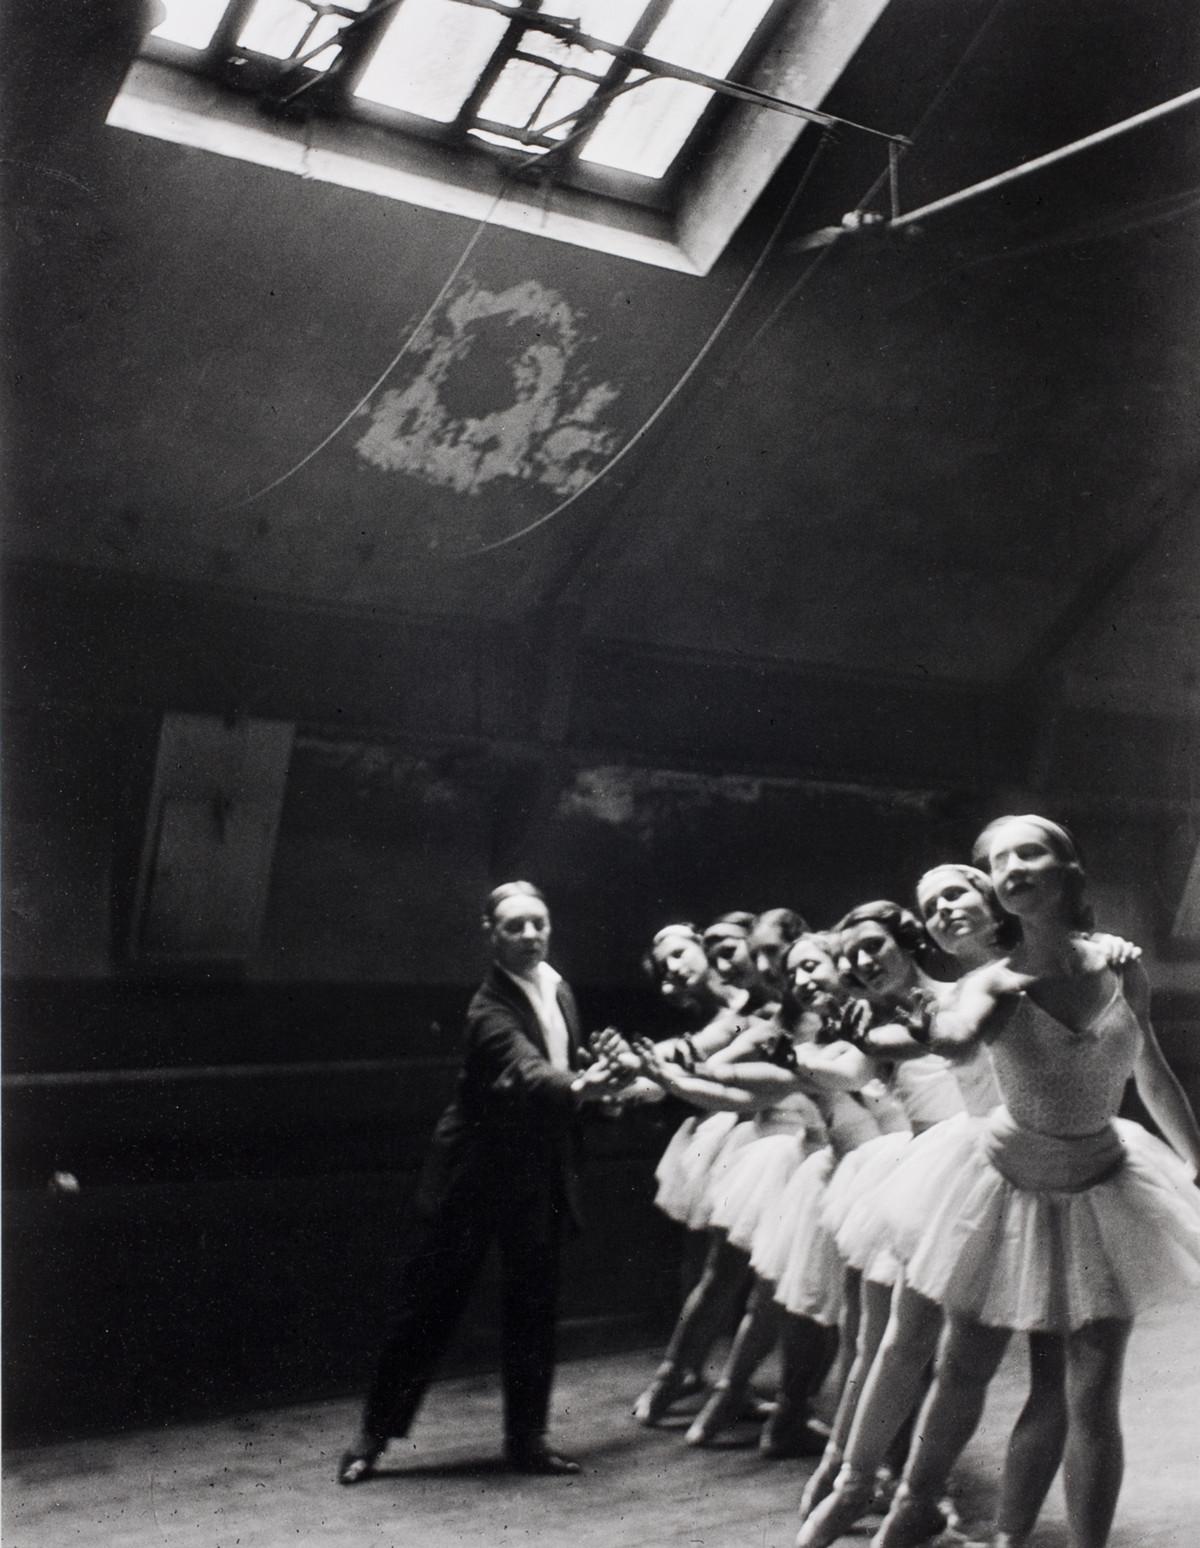 Ballerinas in Paris, 1950s